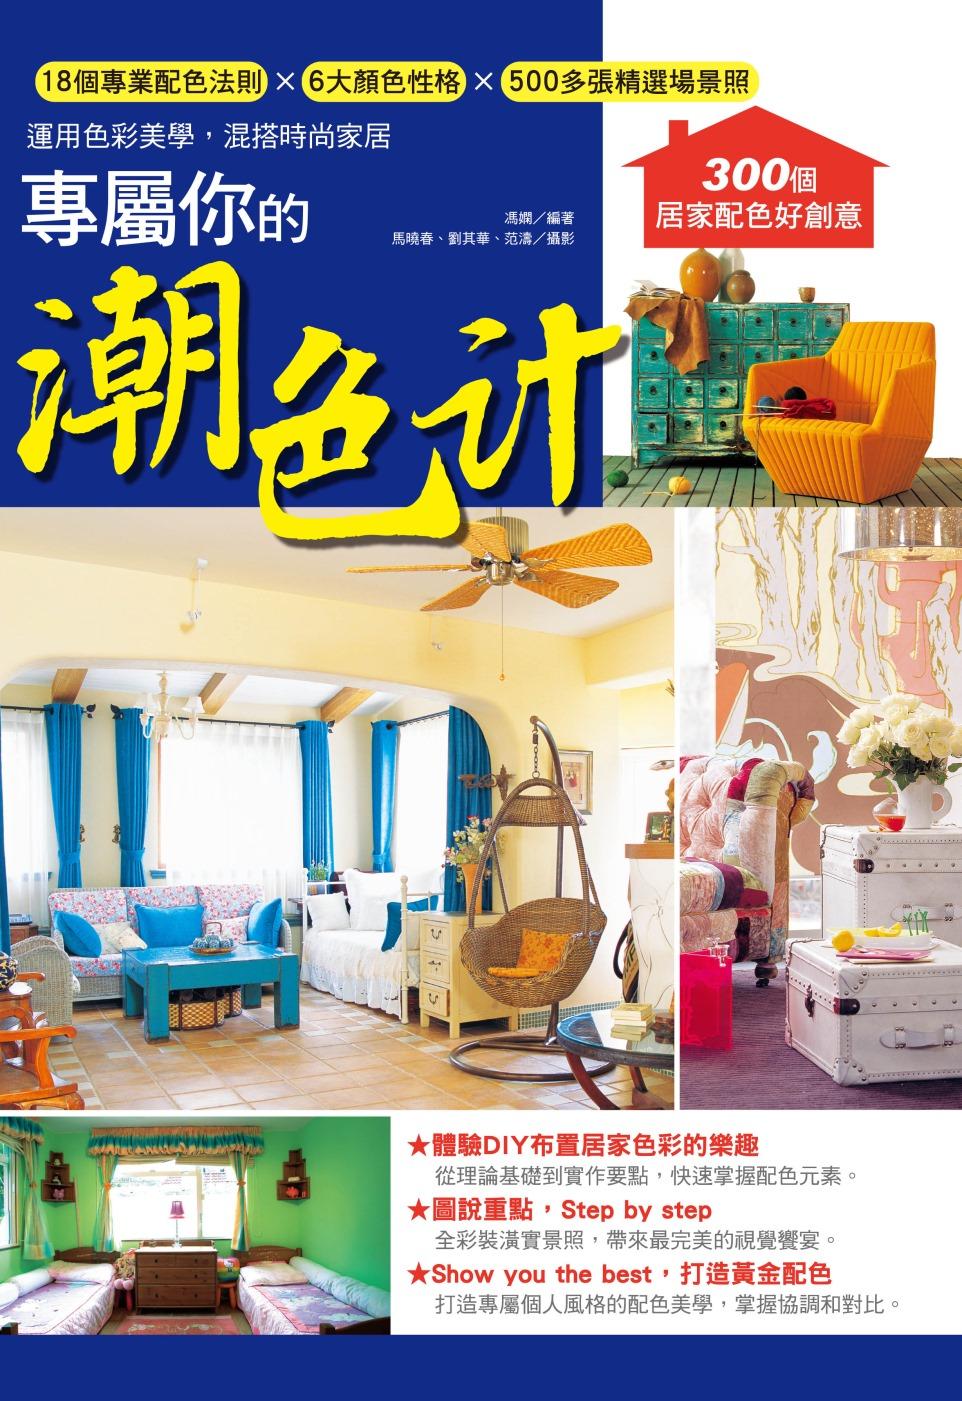 專屬你的潮色計:300個居家配色好創意,運用色彩美學,混搭時尚家居